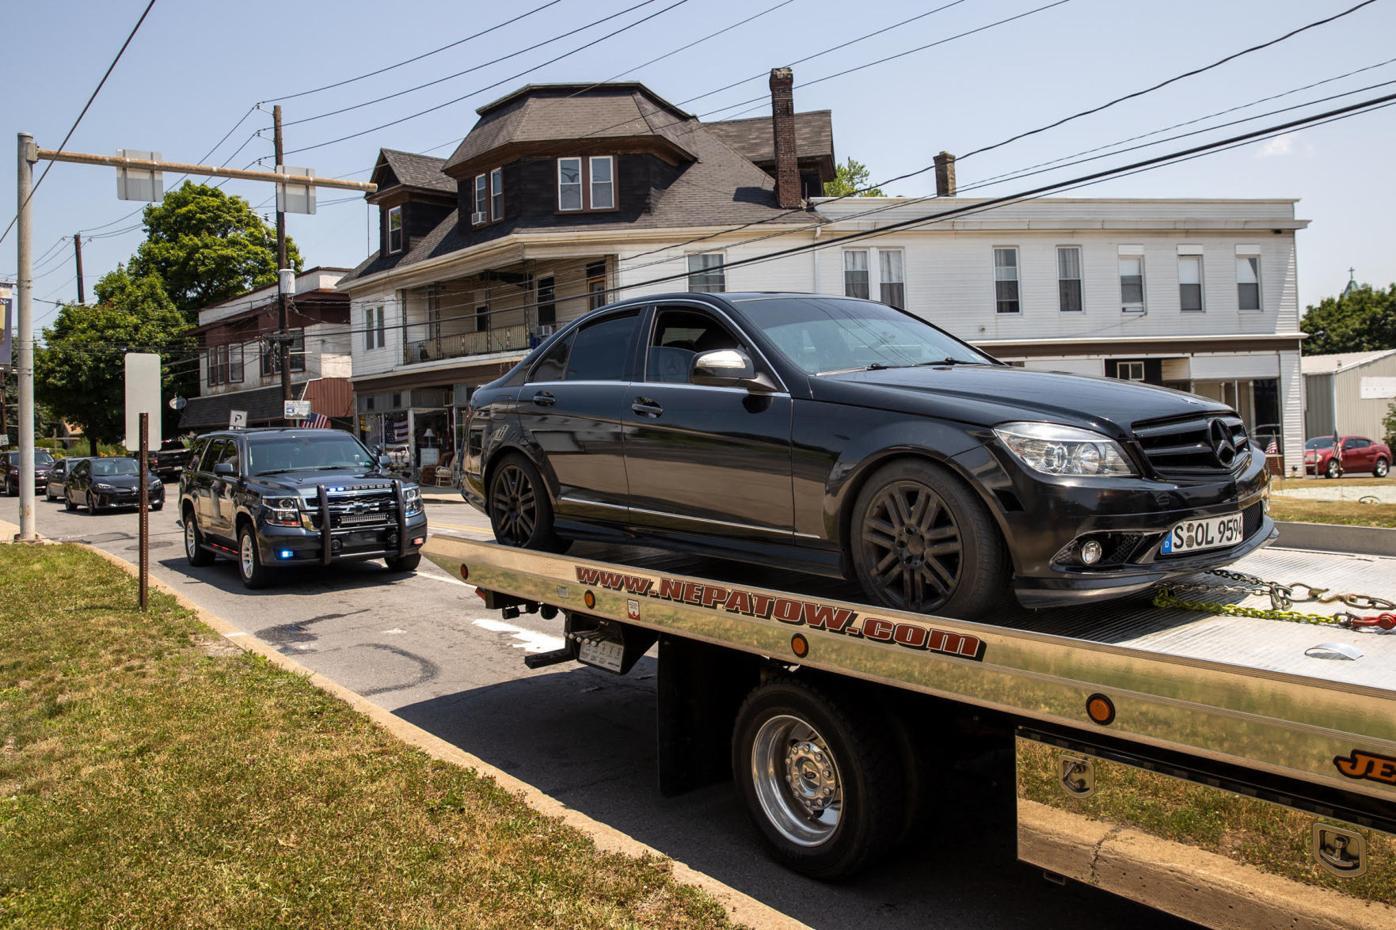 Police probe carjacking in Midvalley